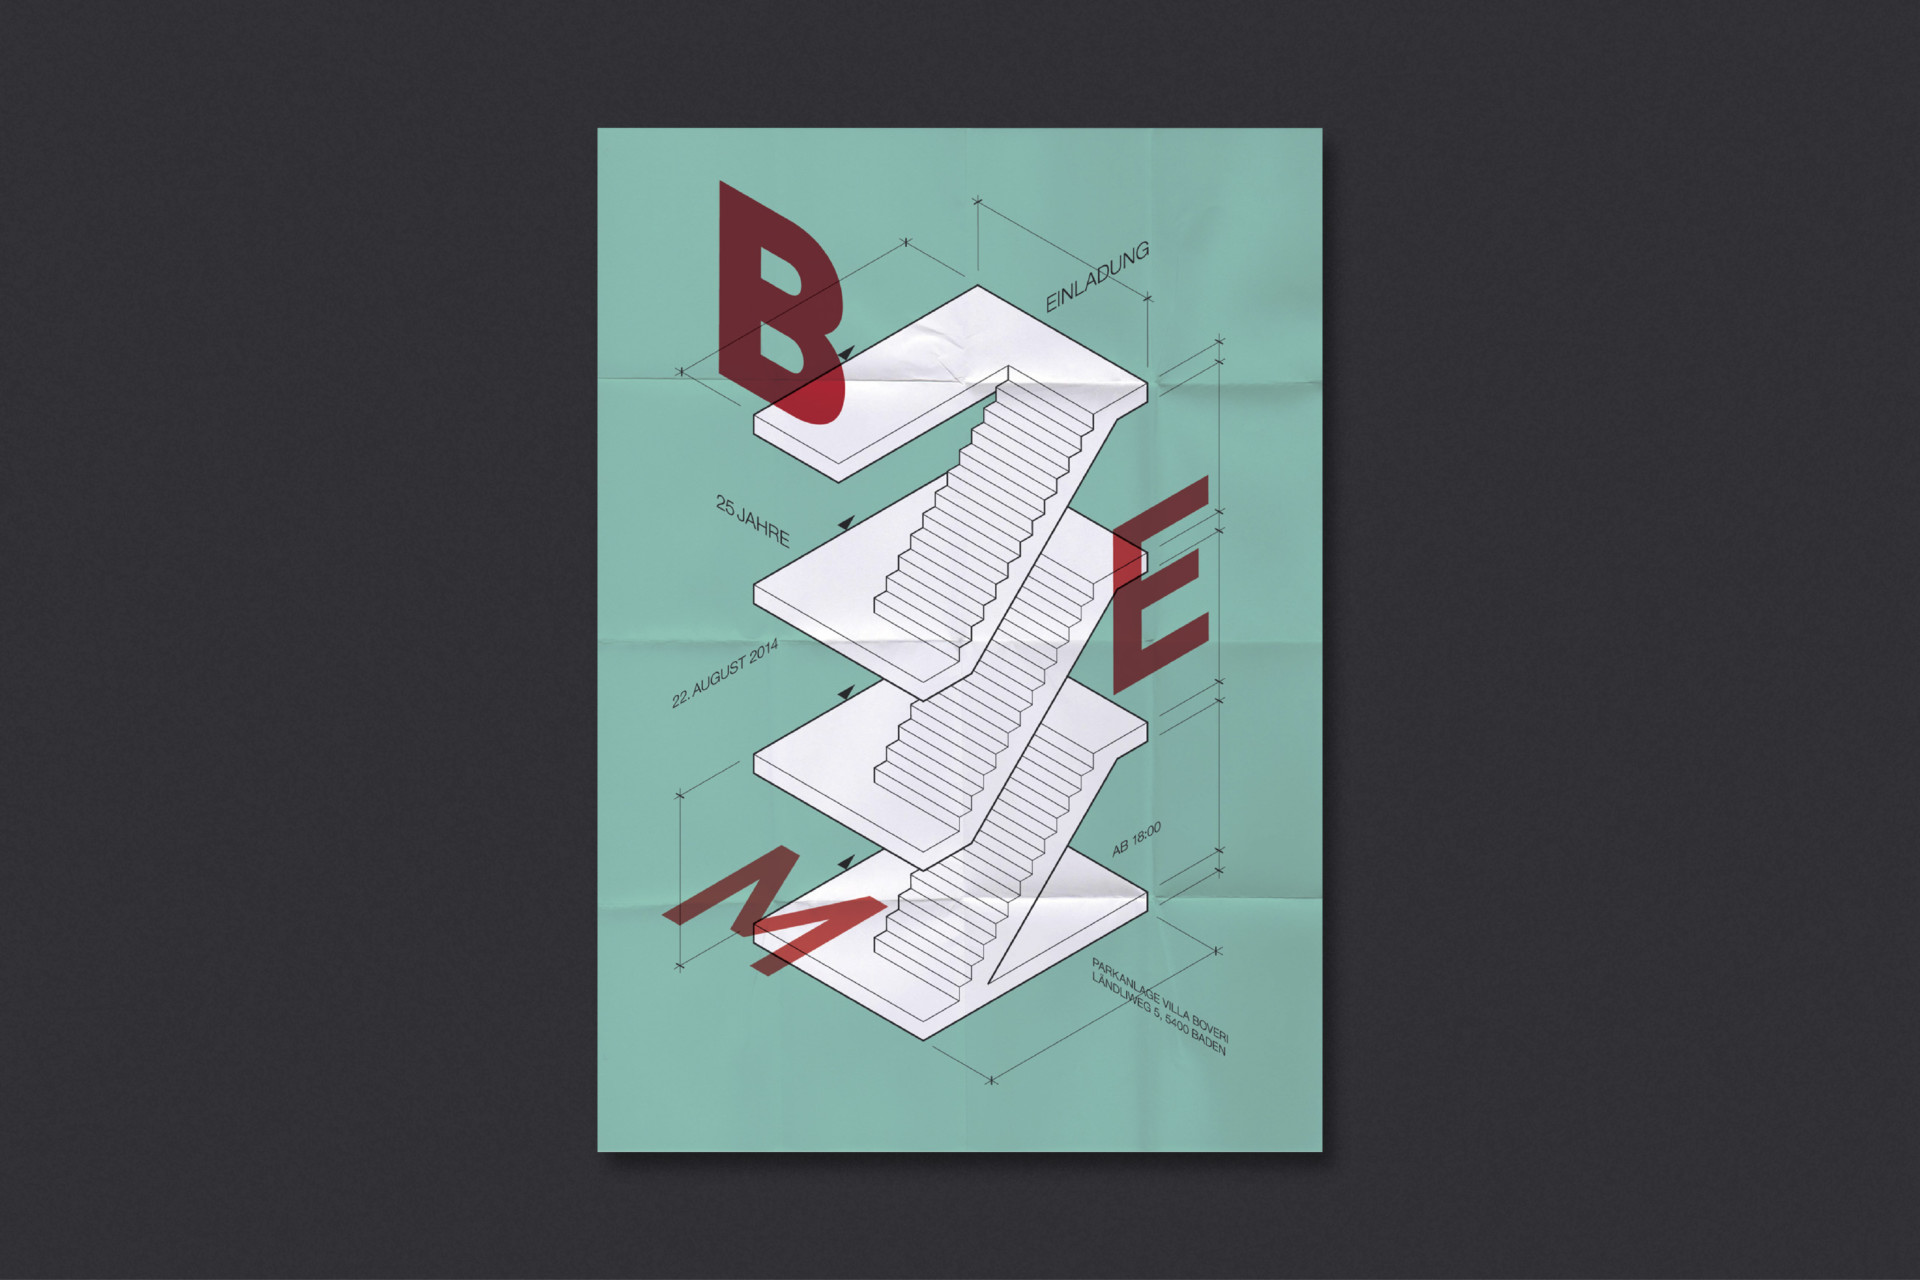 Steiner Grafik Jubiläumseinladung: BEM Architekten, Baden